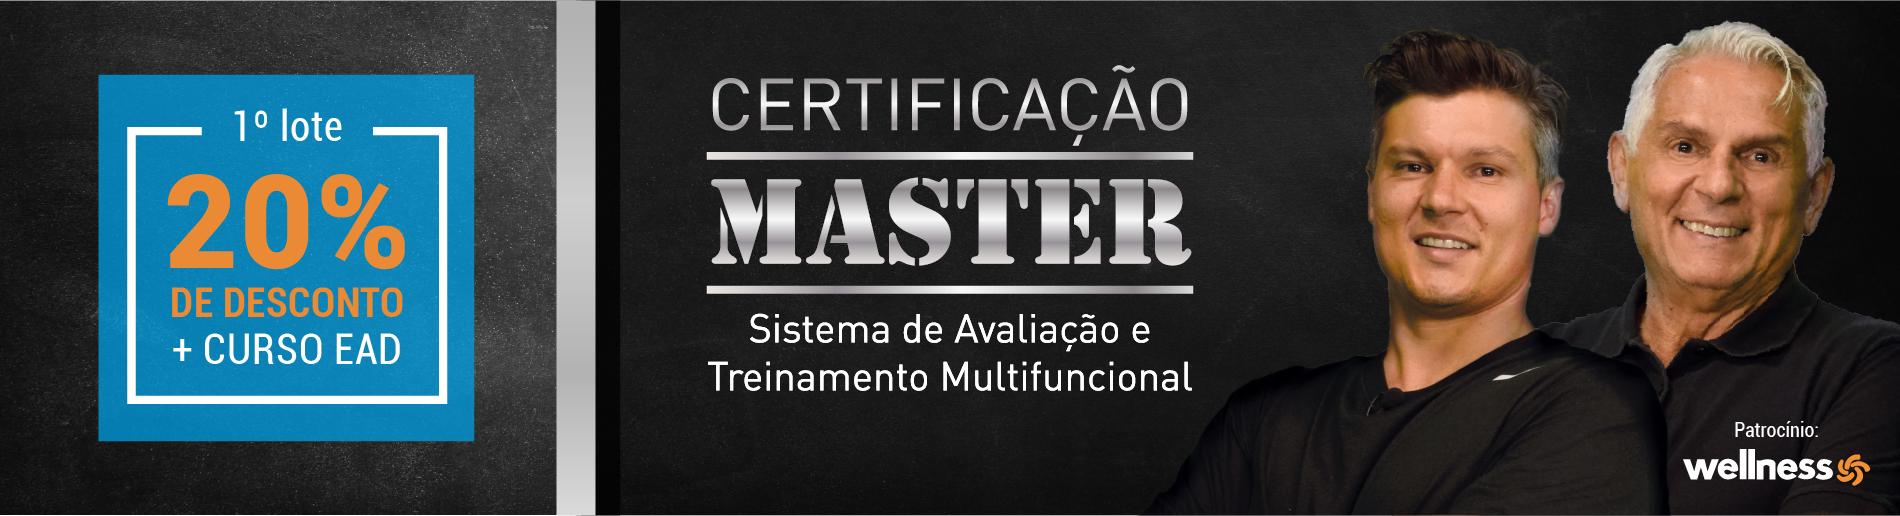 Certificação Master 2018.2